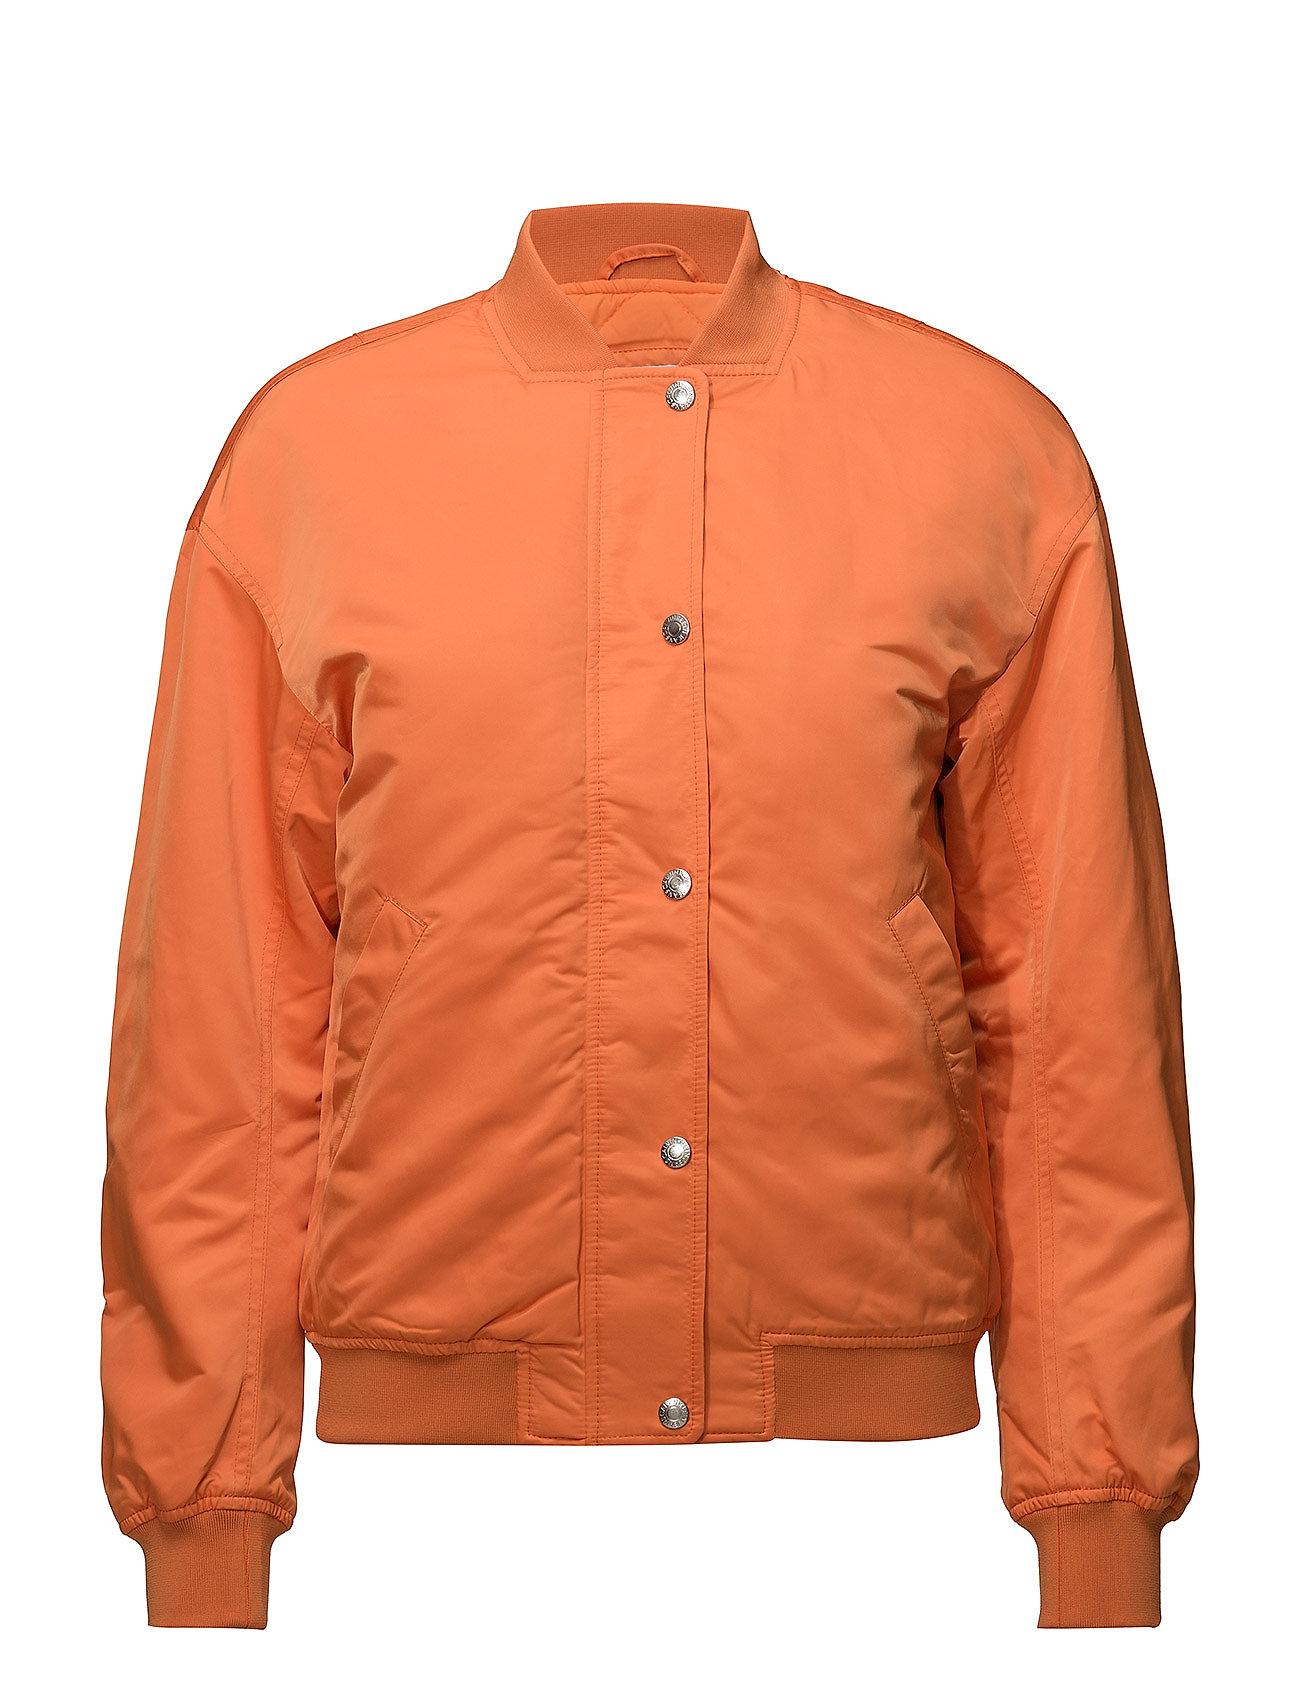 Calvin Klein Jeans SNAP BUTTON NYLON BOMBER - ORANGE TIGER 16-1358 TCX